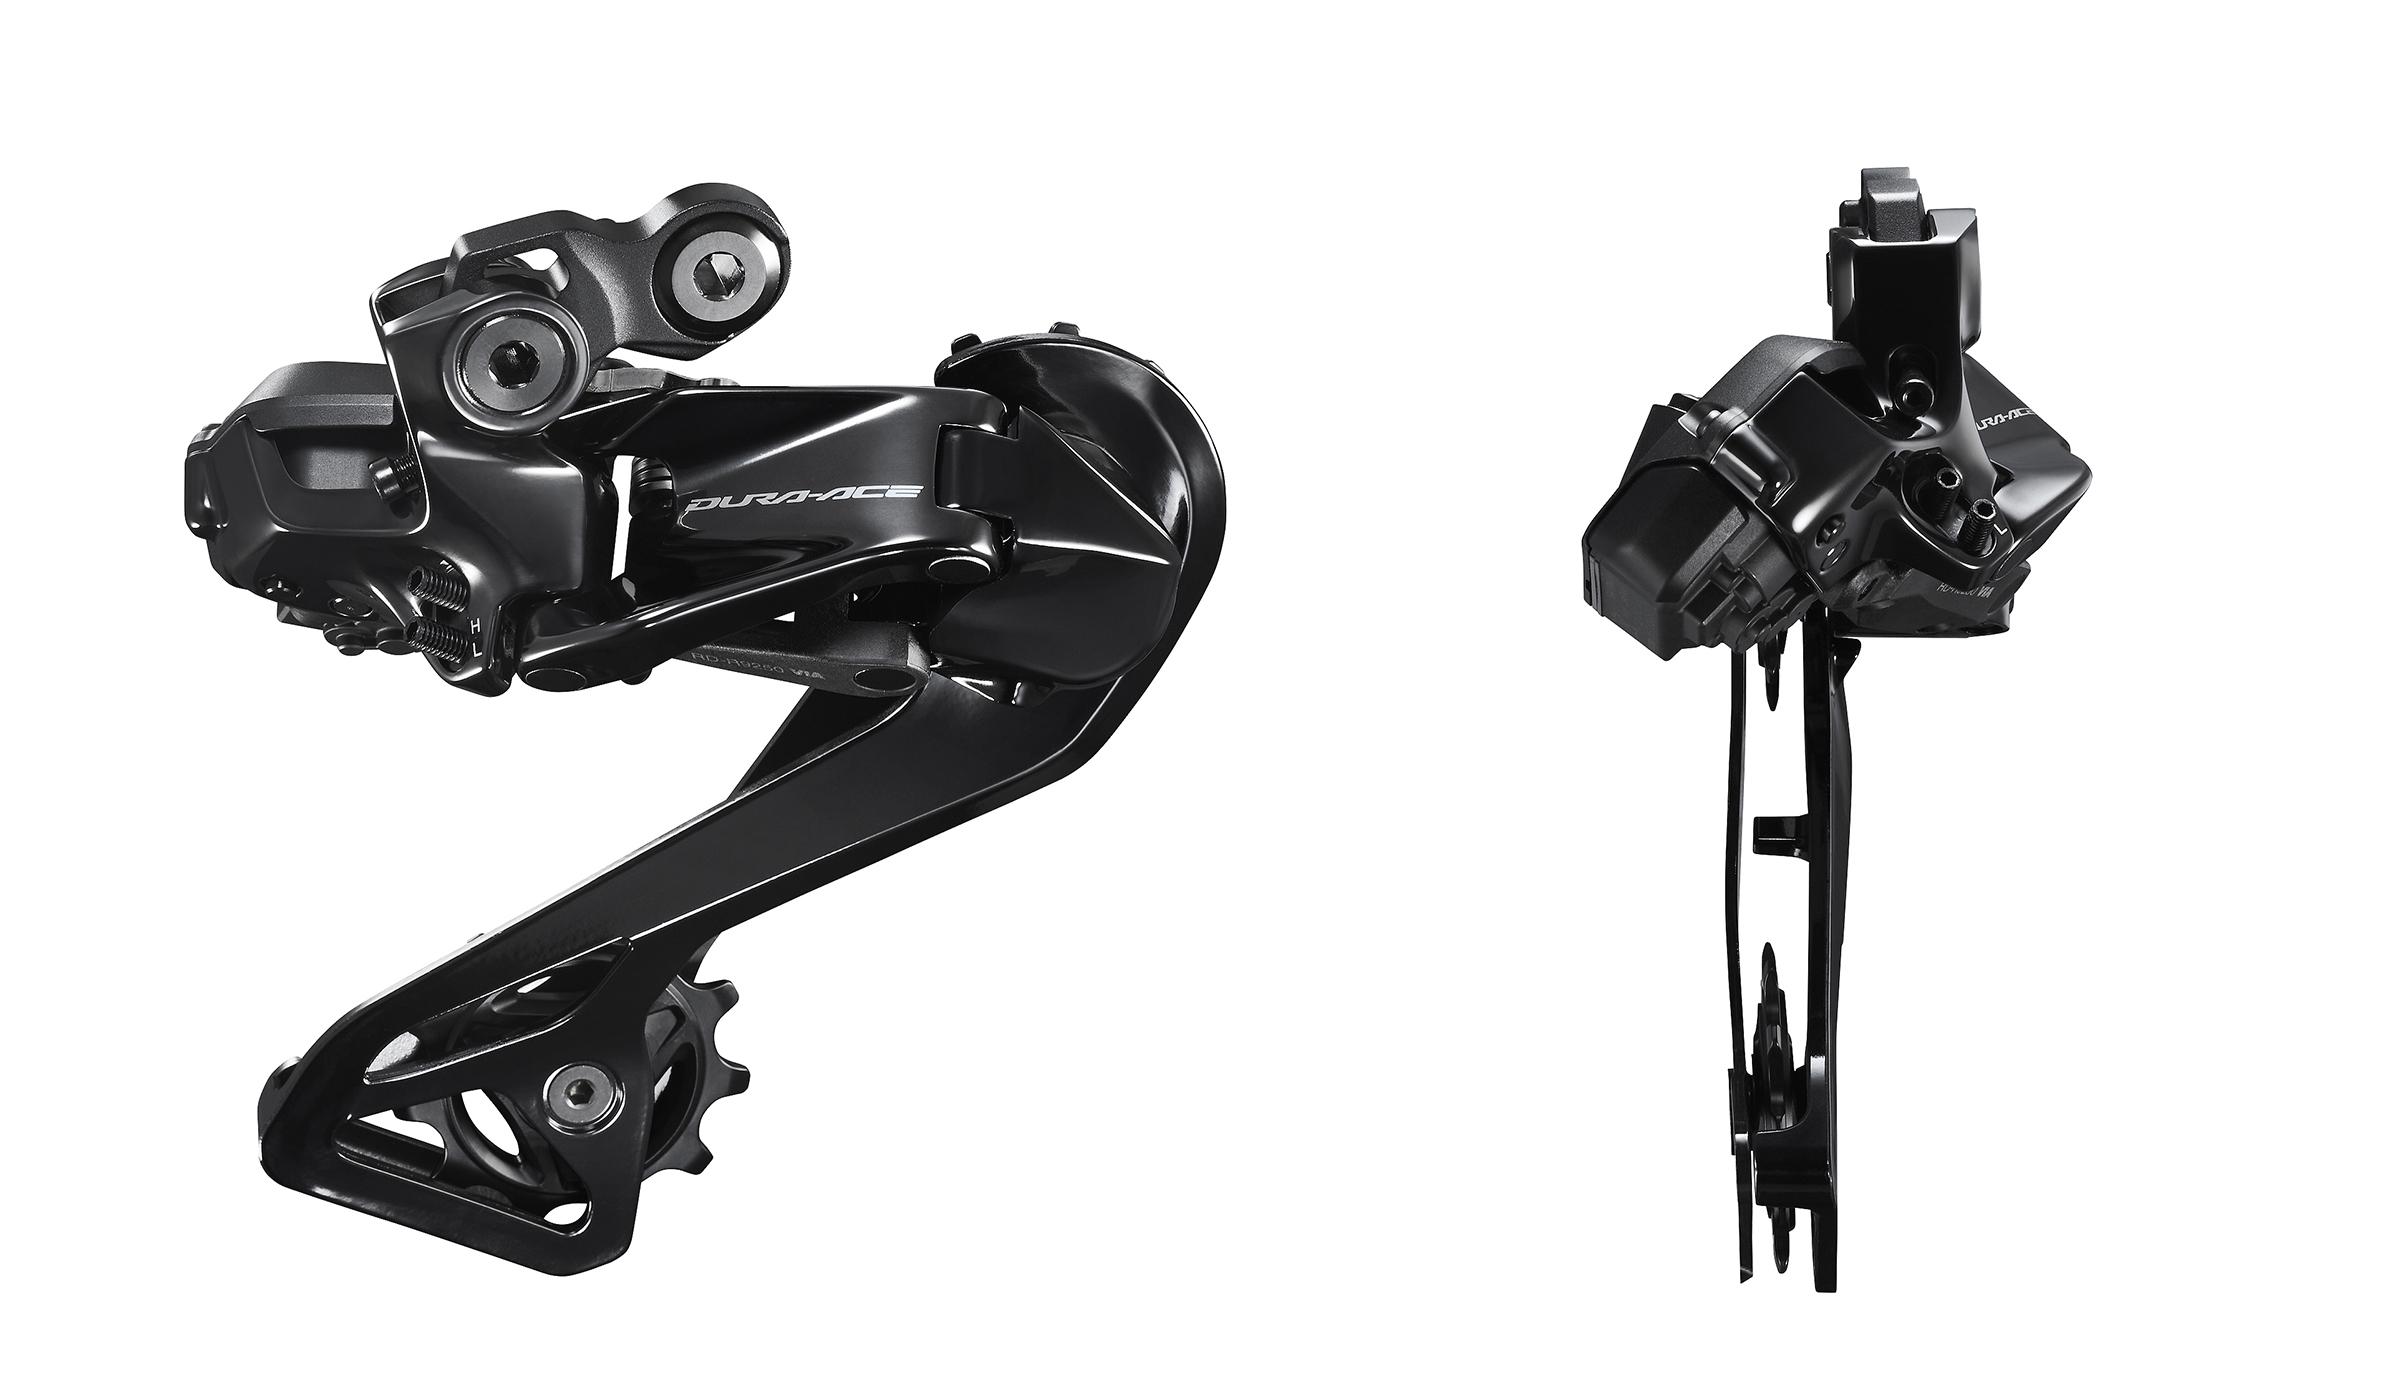 R9200 Dura-Ace 12-speed achterderailleur